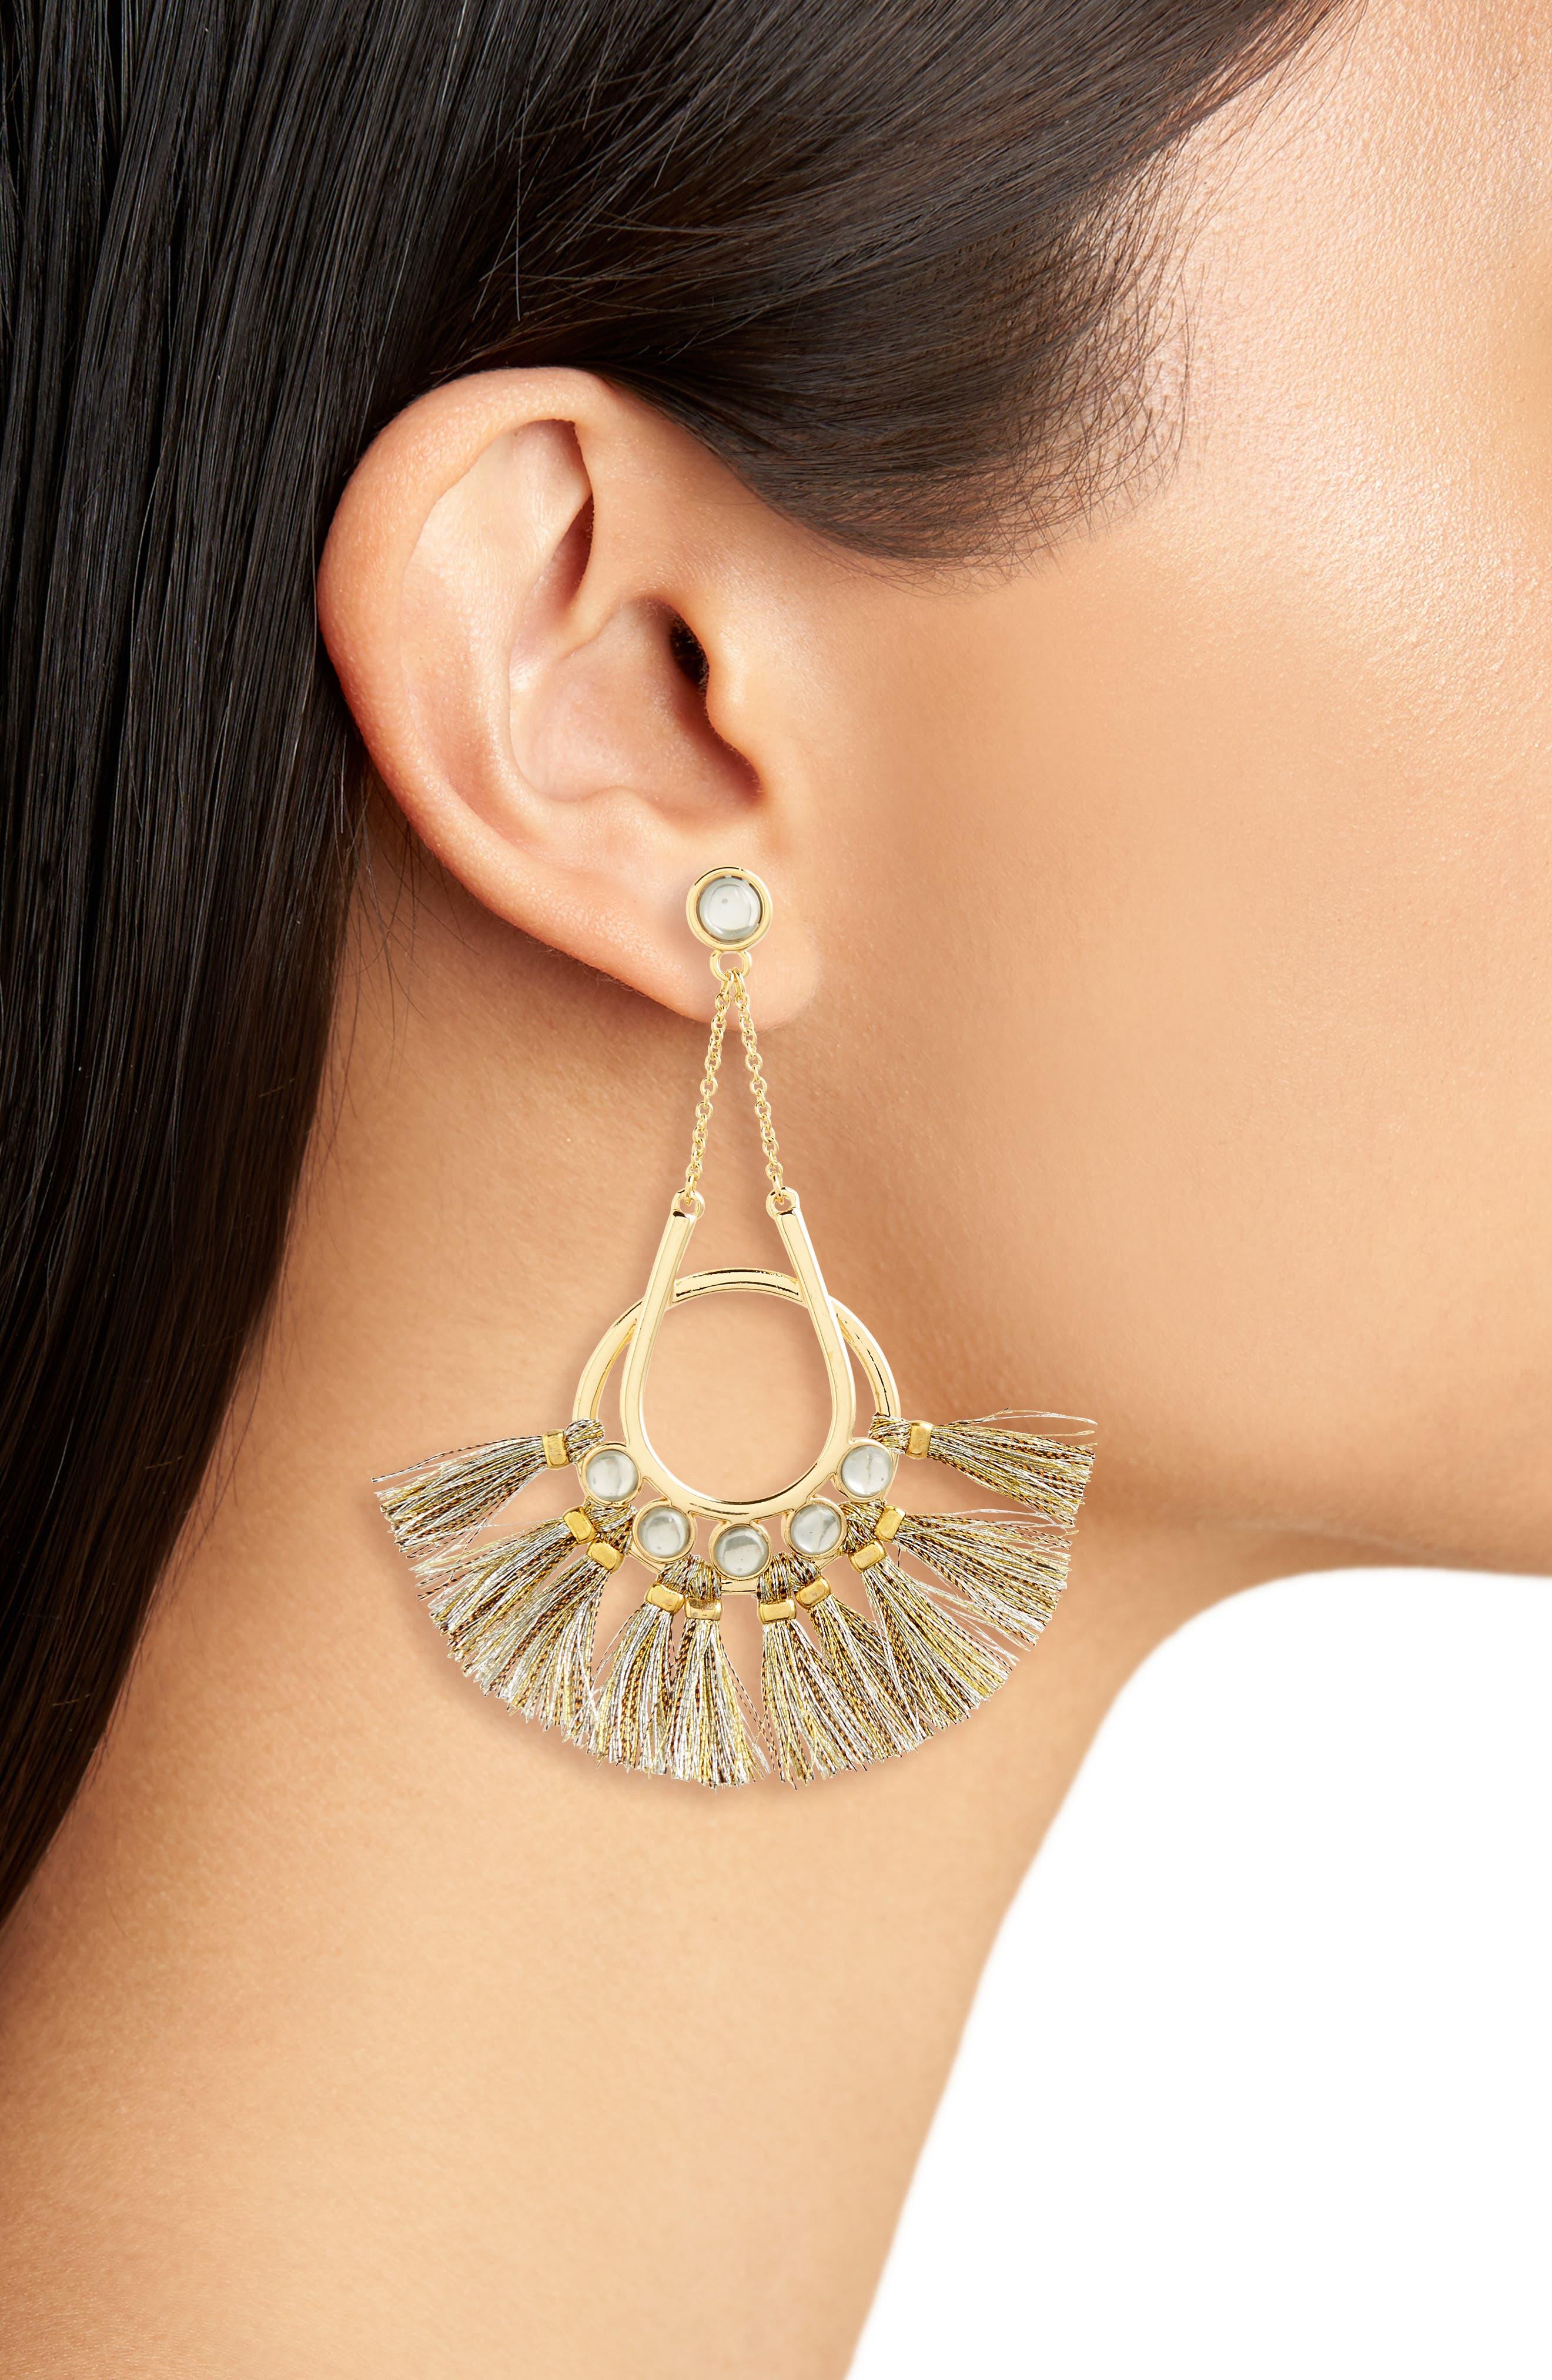 Utopia Tassel Chandelier Earrings,                             Alternate thumbnail 2, color,                             710